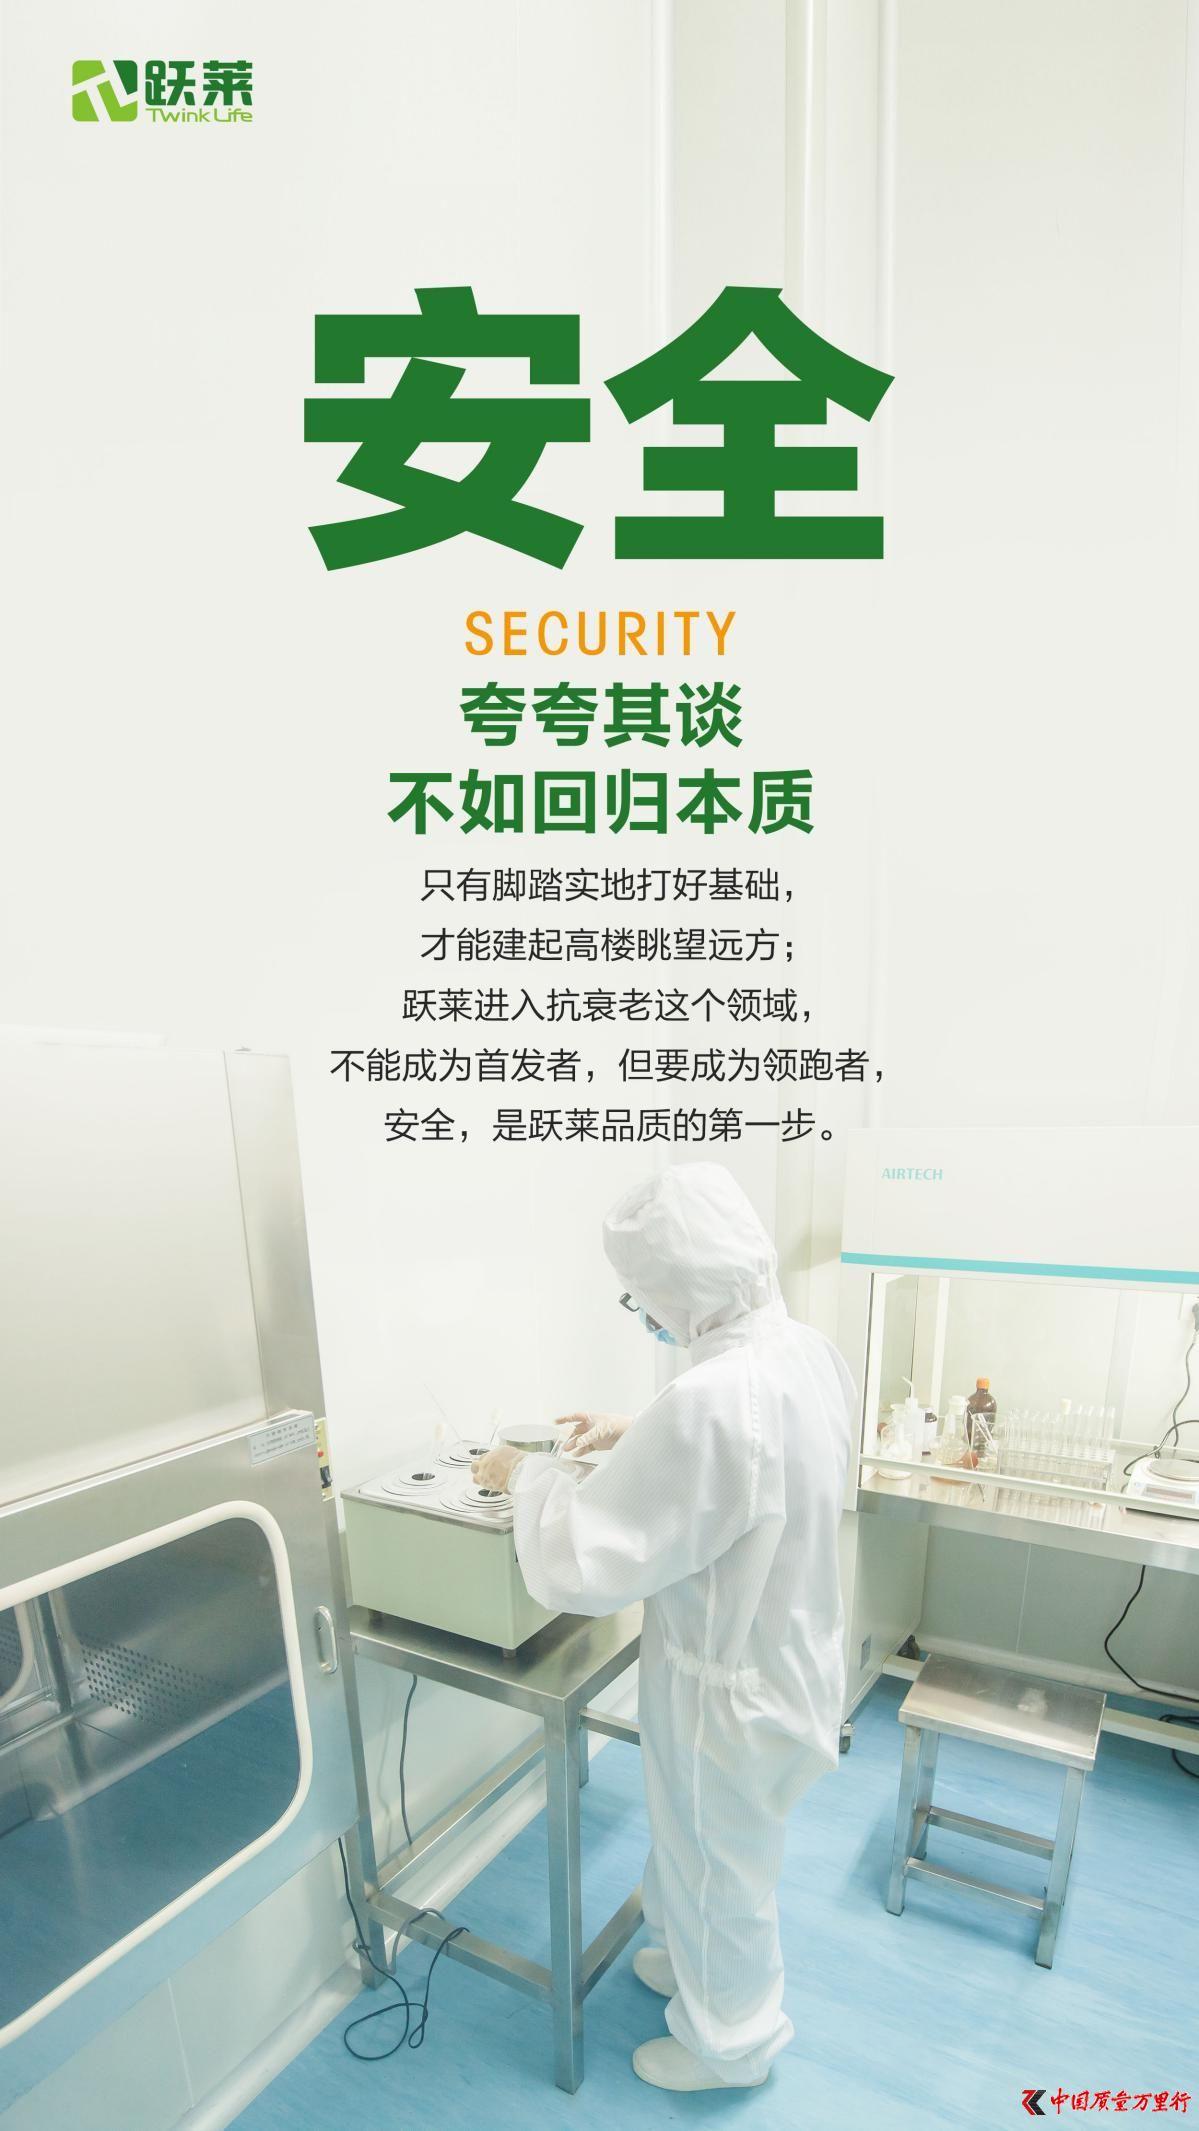 武汉跃莱科技创新 不忘初心专注多肽研发